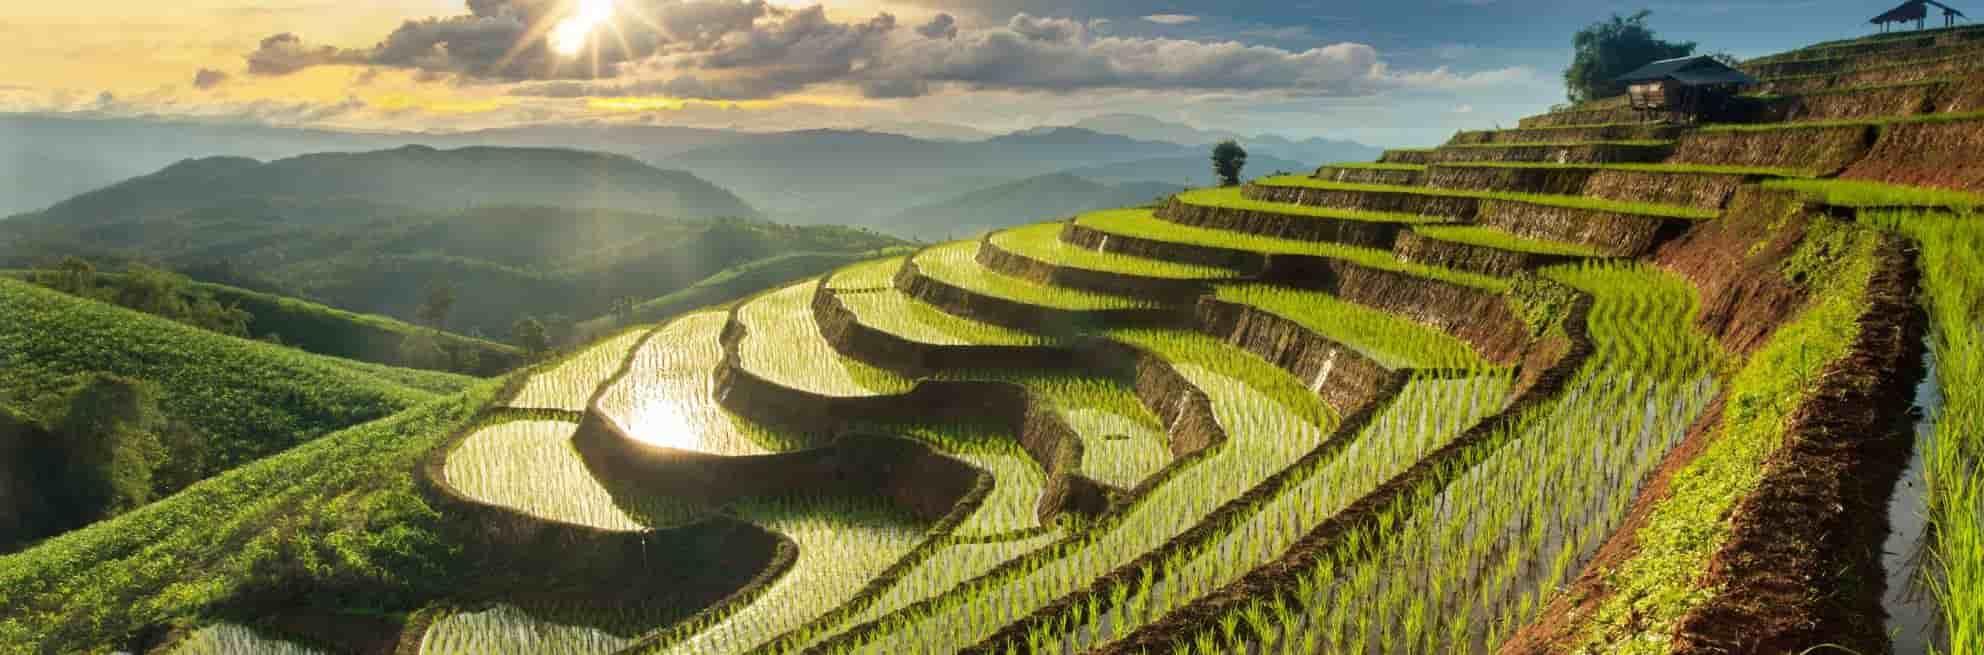 expatriation-chiang-mai